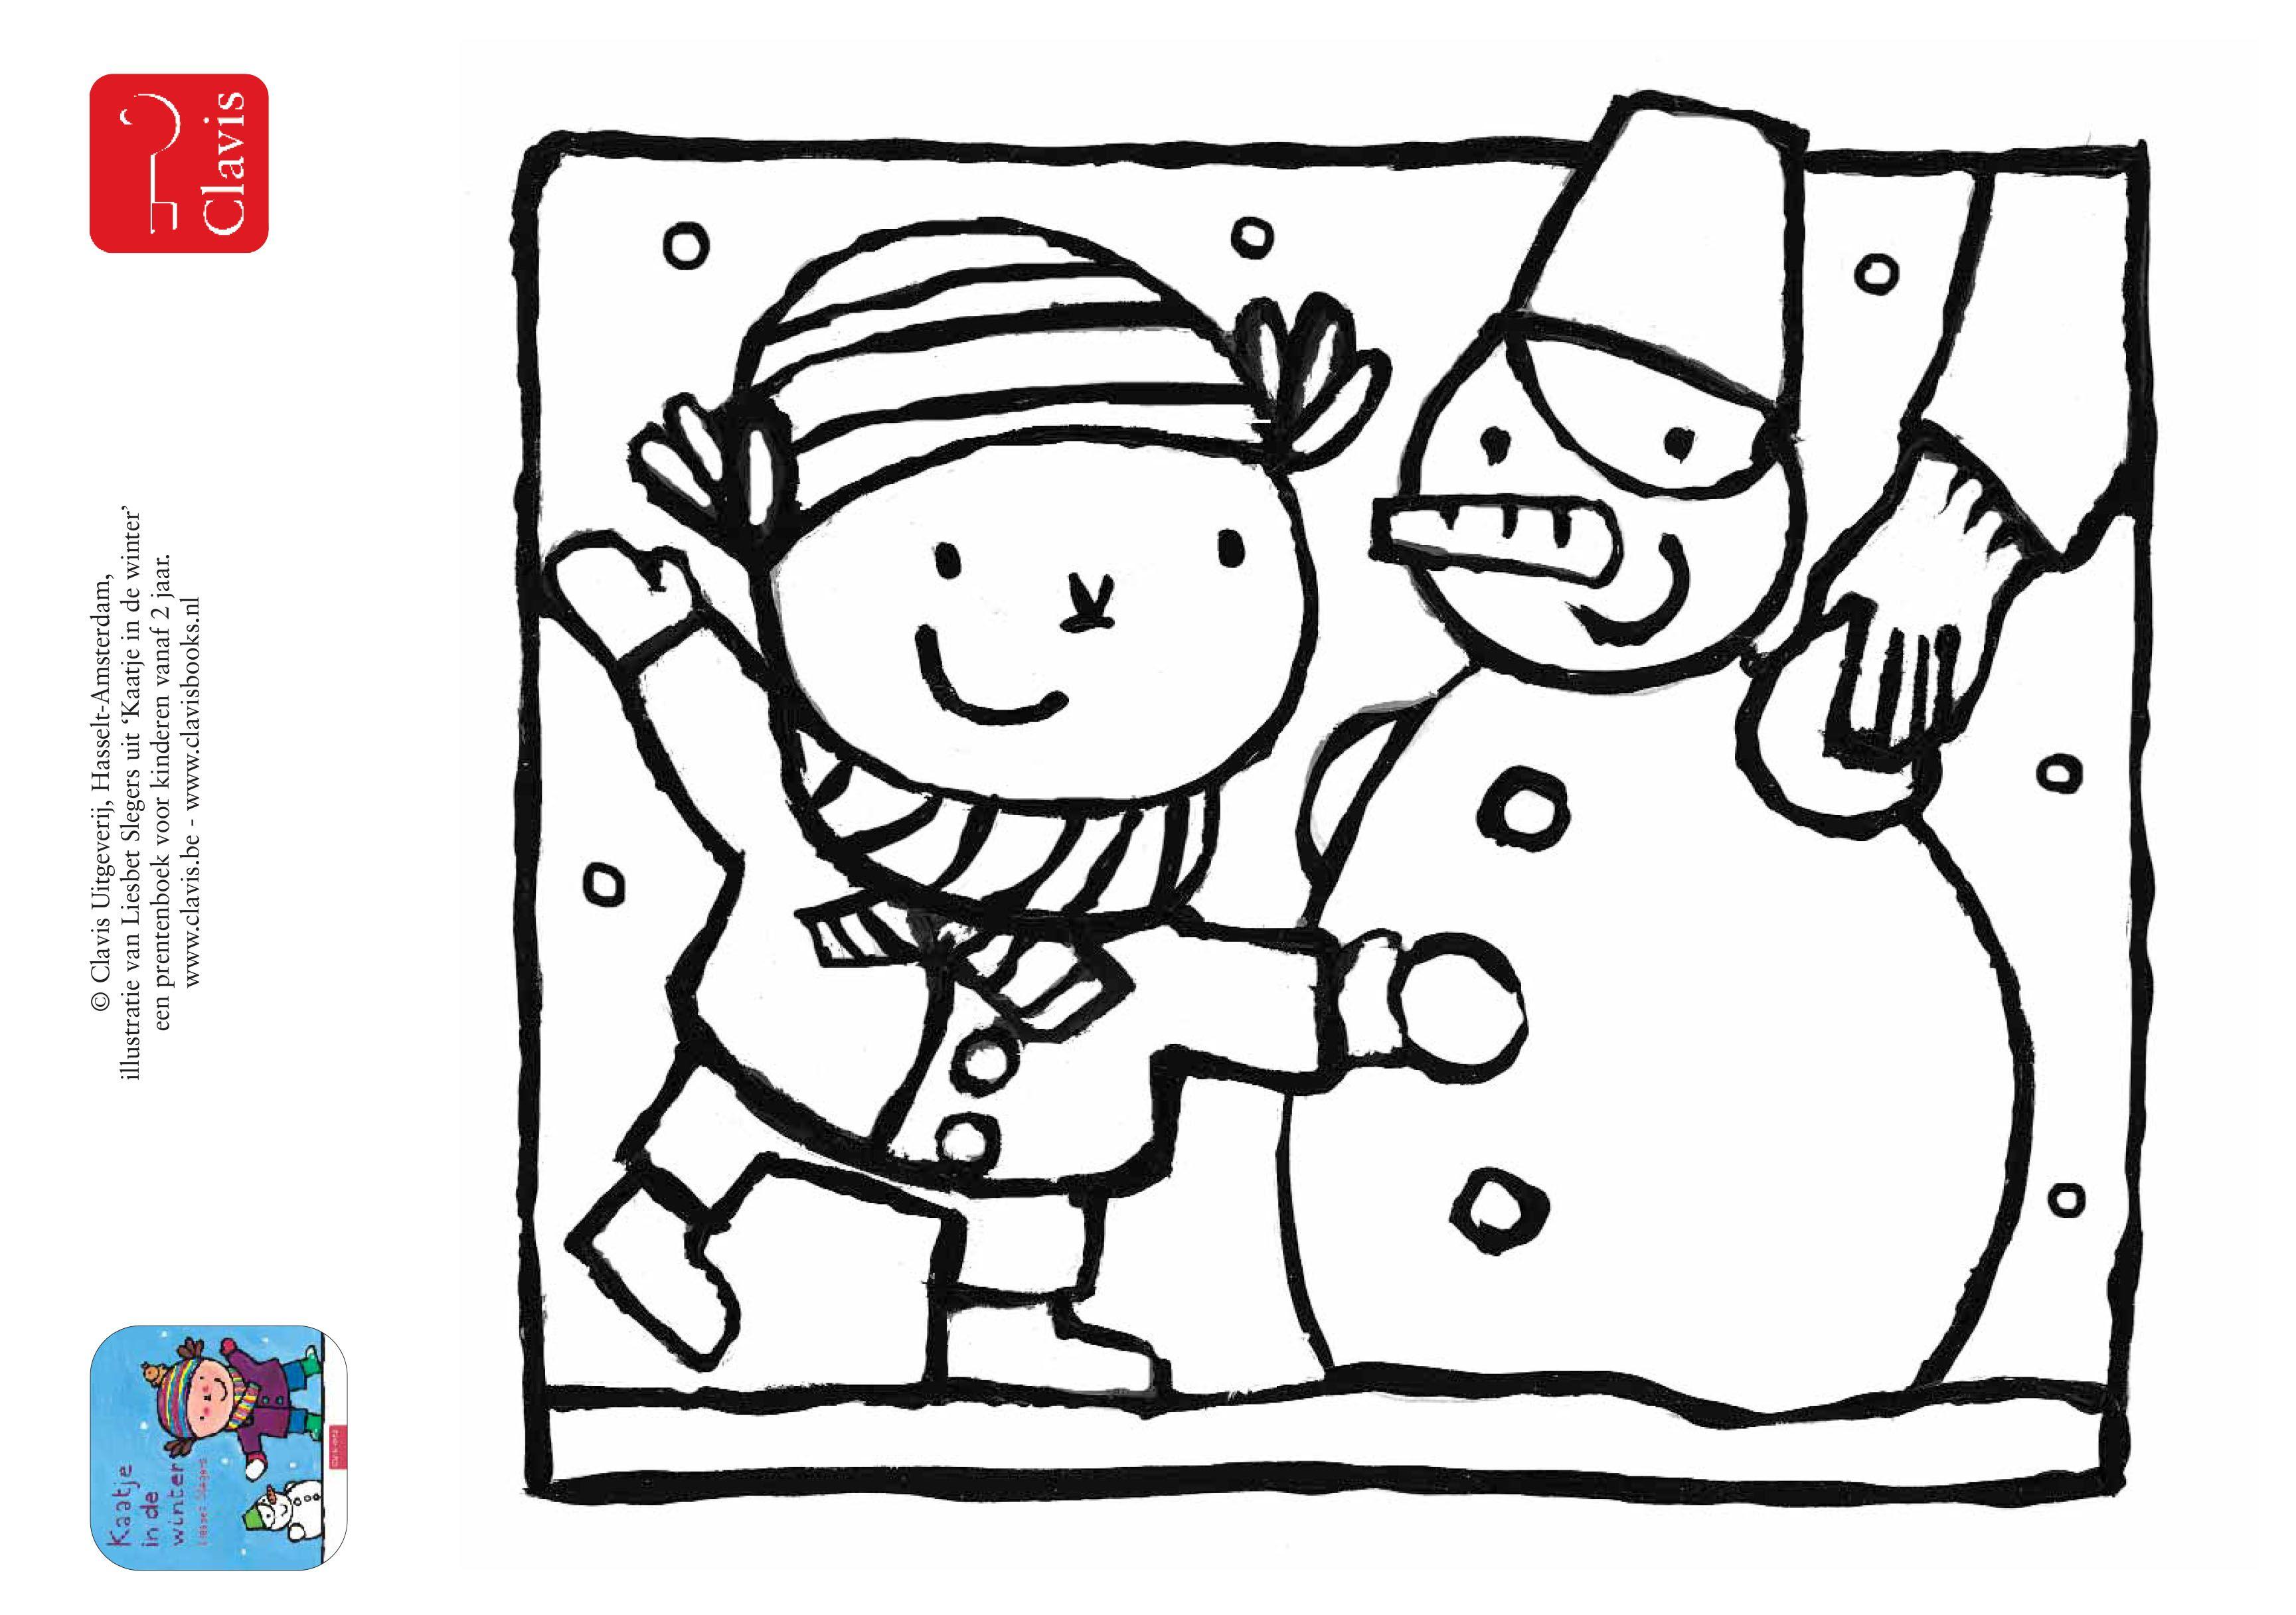 Kaatje In De Winter Hallo Ik Ben Kaatje Vandaag Is Het Ijskoud Warm Aangekleed Ga Ik Naar Buiten En Dan Valt Er Opeen Winter Winter Sneeuw Winter Knutselen